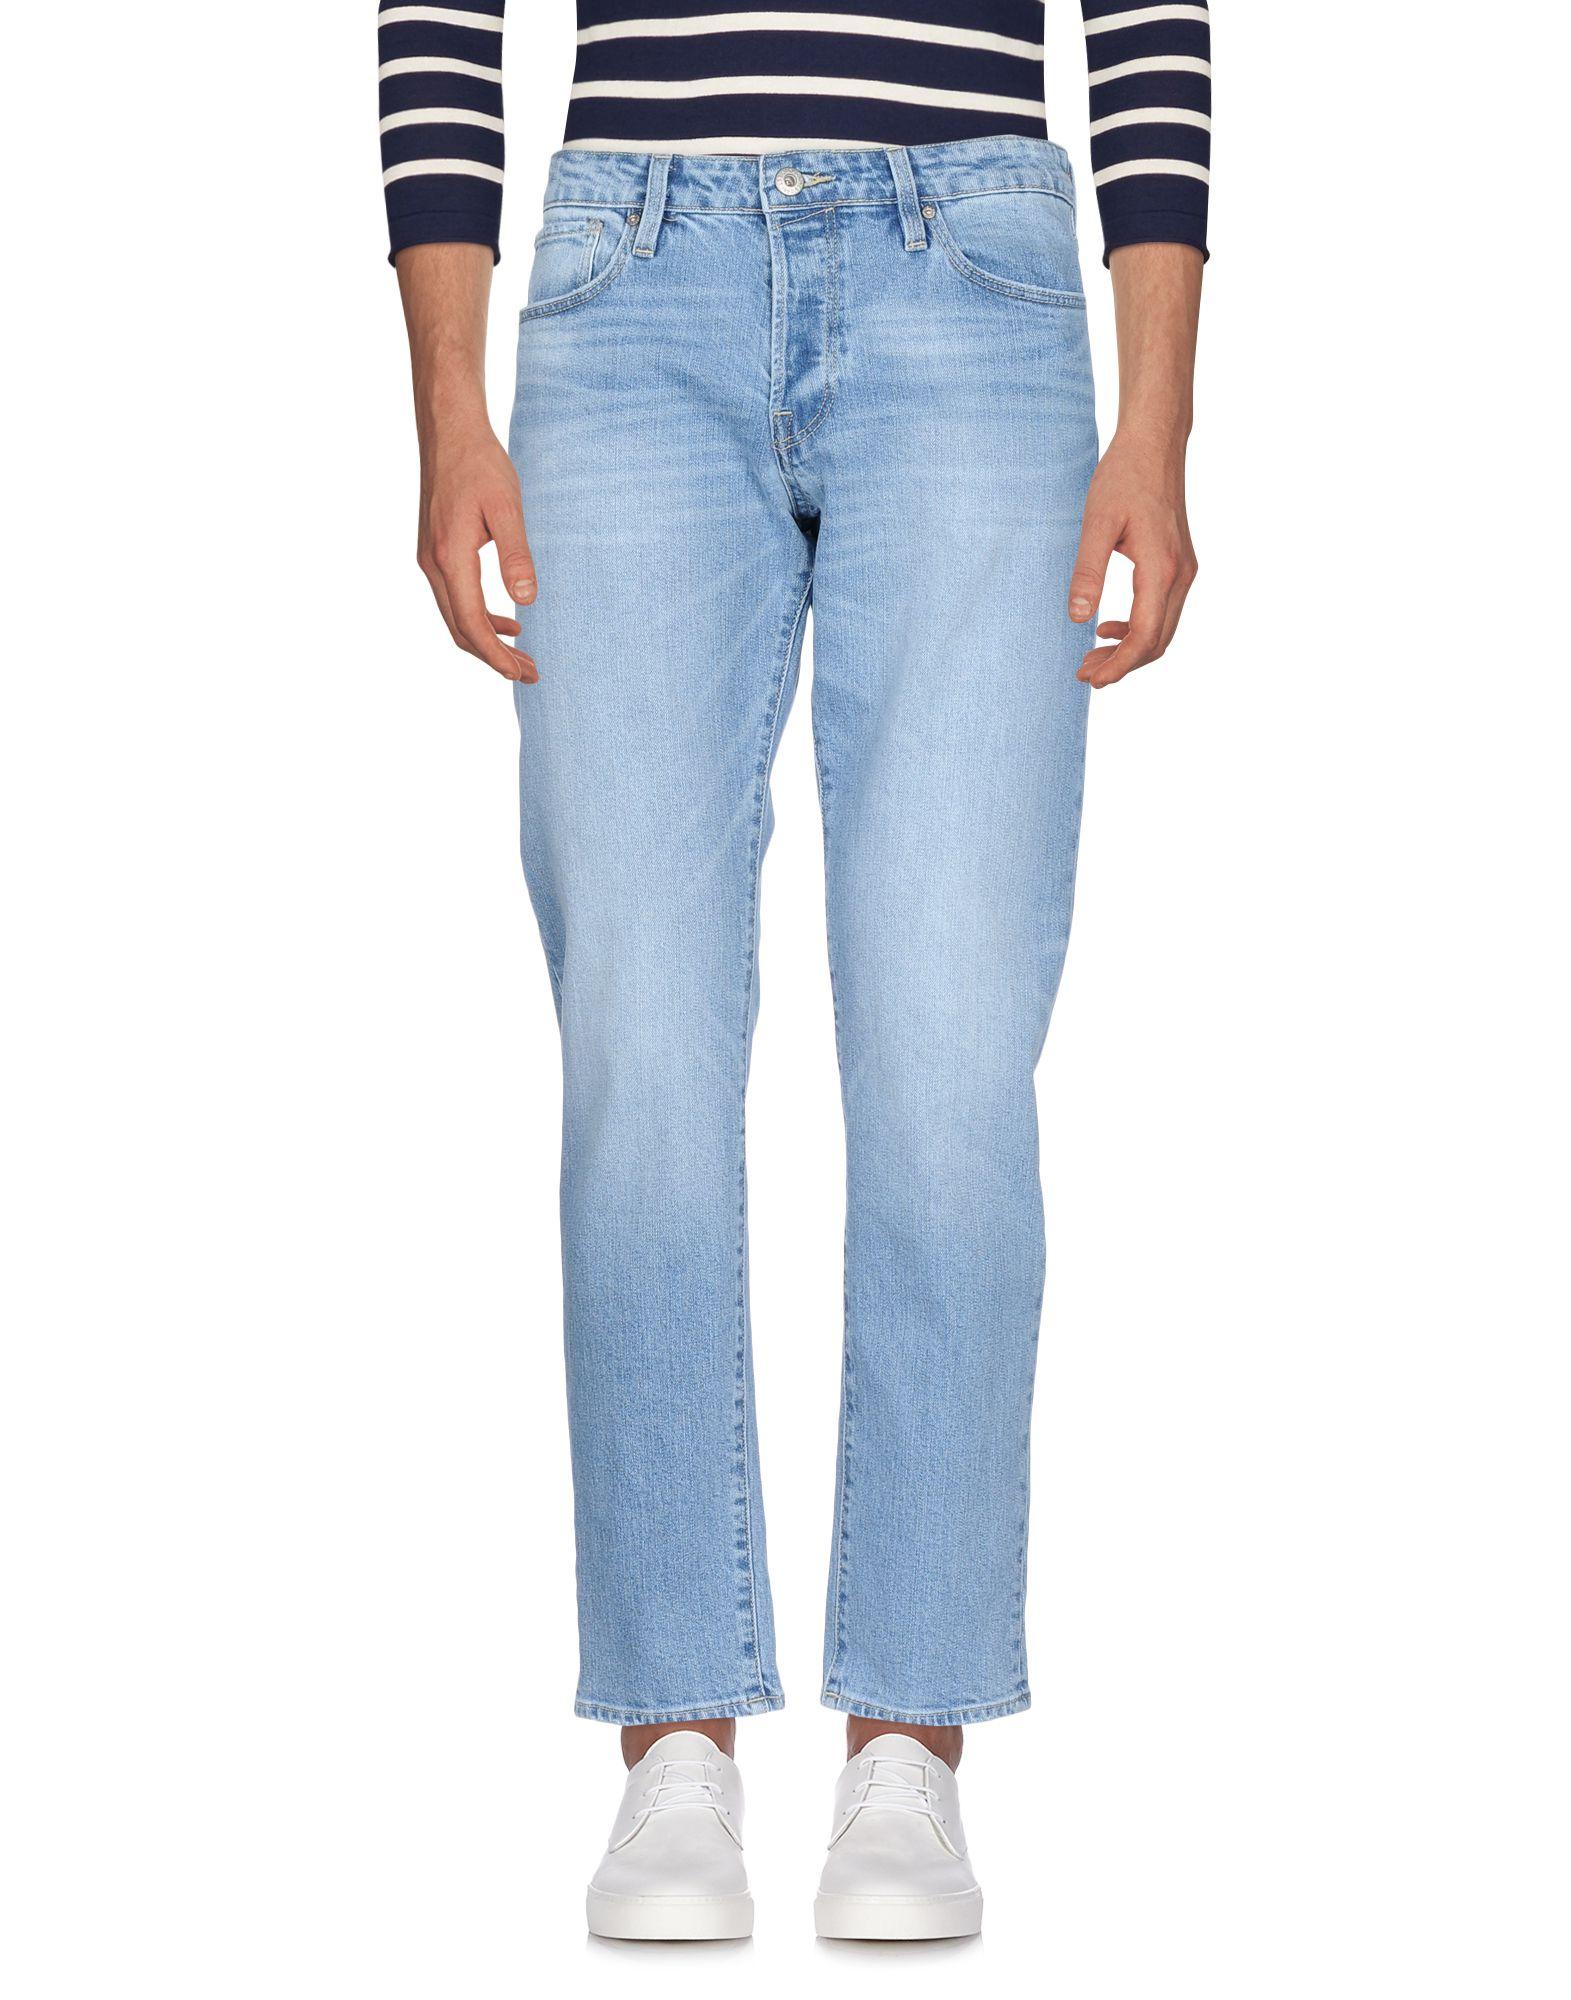 JACK & JONES Джинсовые брюки женские брюки лэйт светлый размер 50